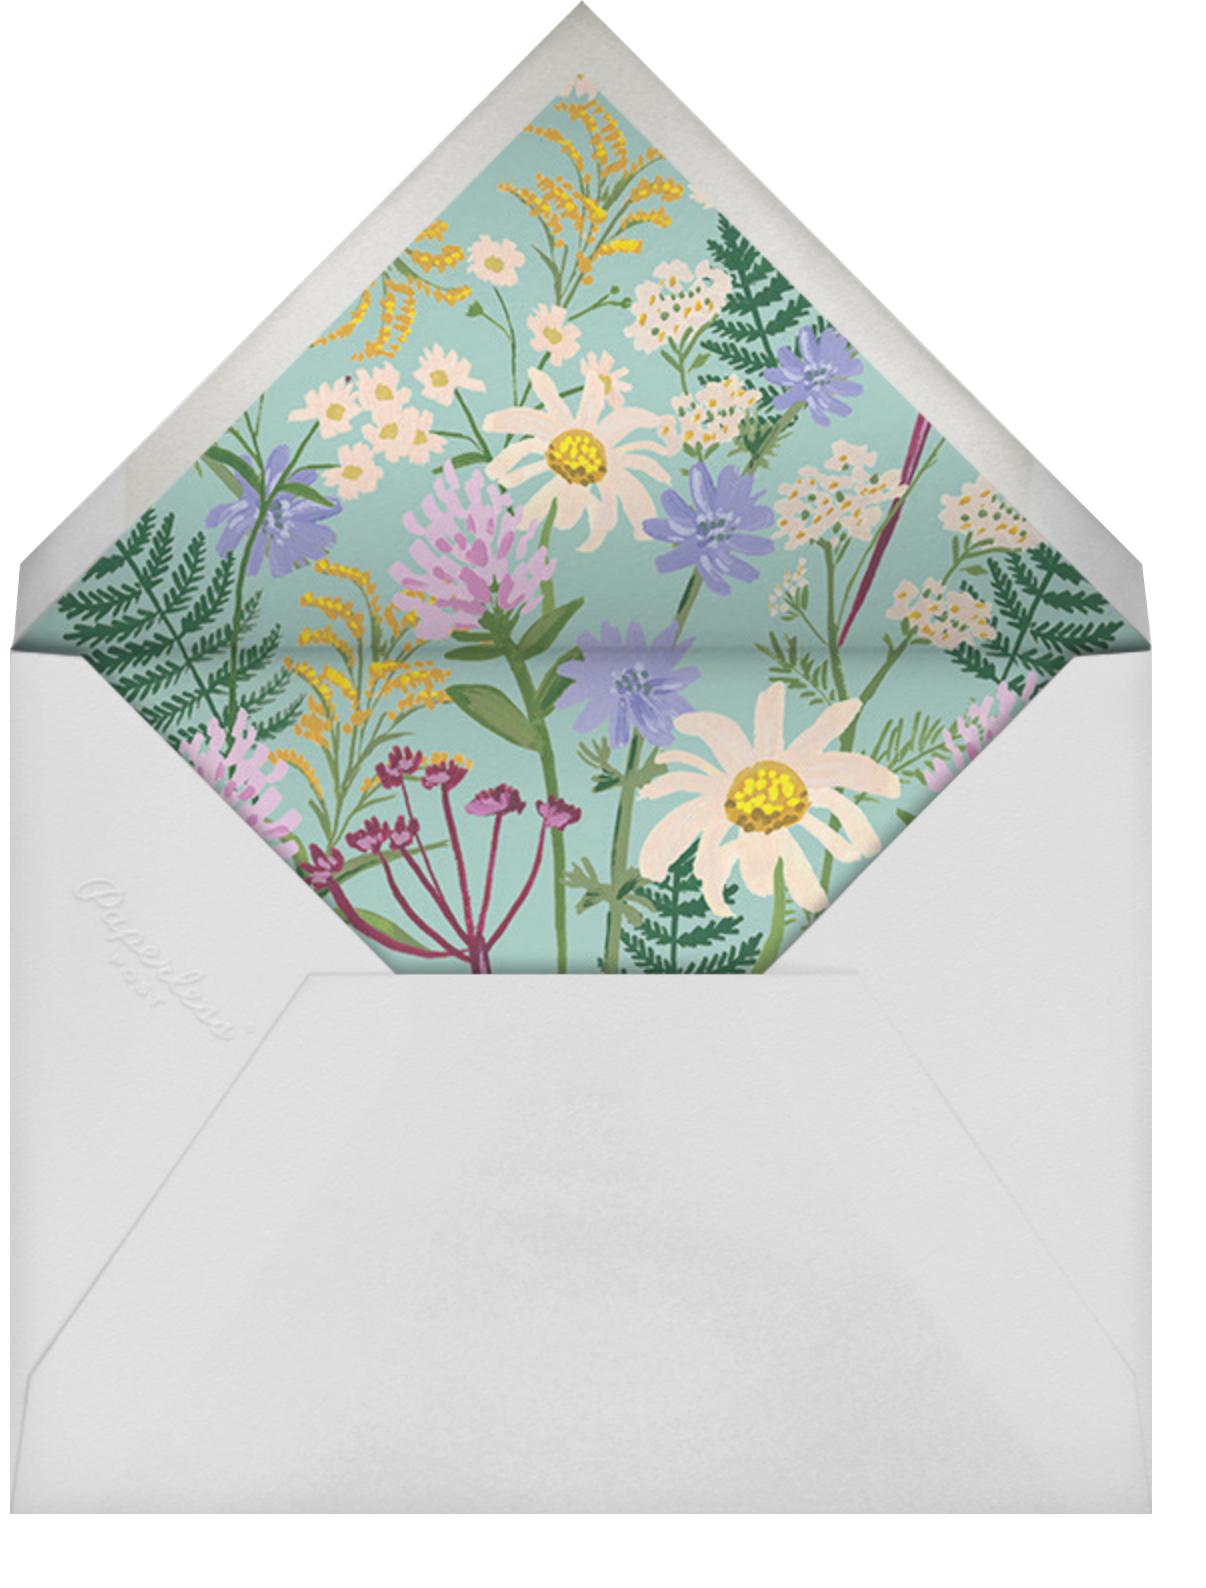 Summer Fronds - Rifle Paper Co. - Bridal shower - envelope back